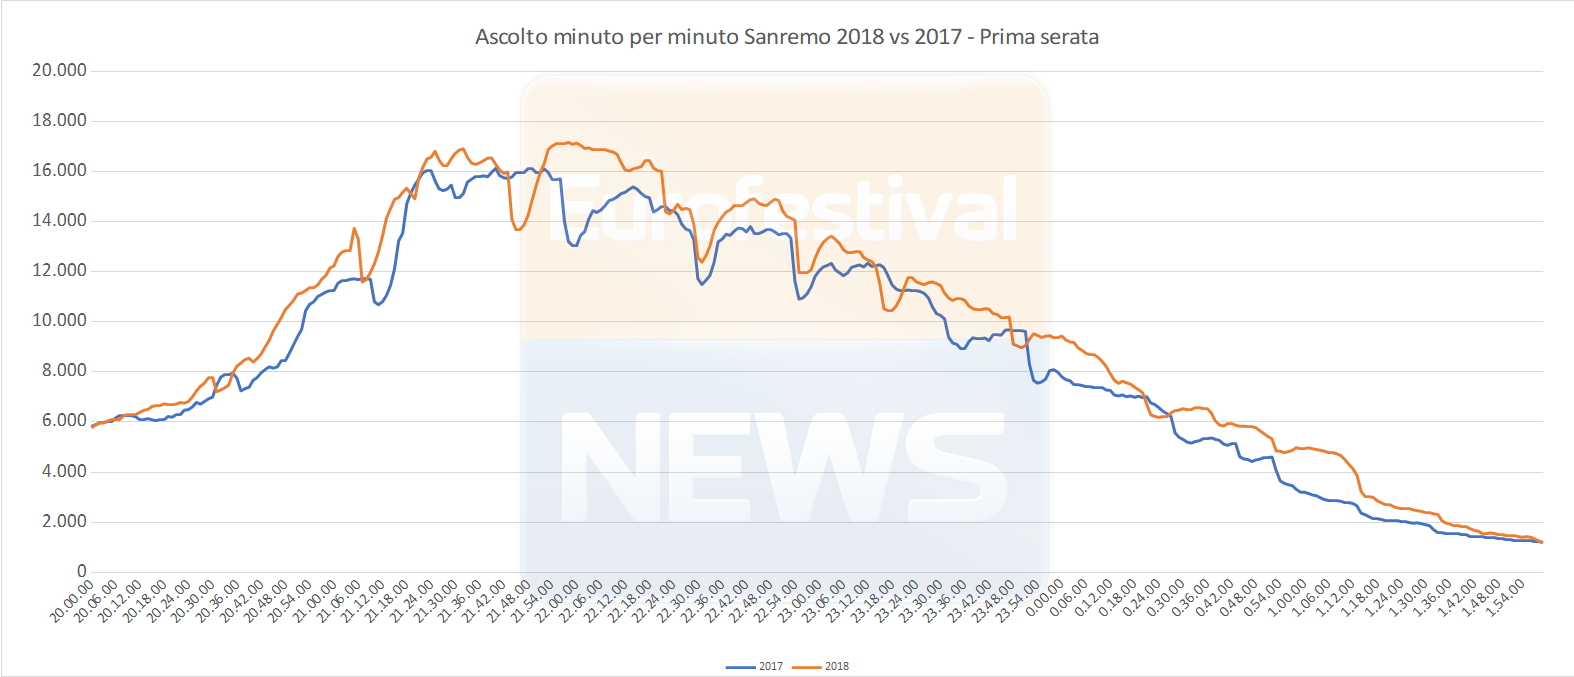 Ascolto minuto per minuto prima serata Sanremo 2018